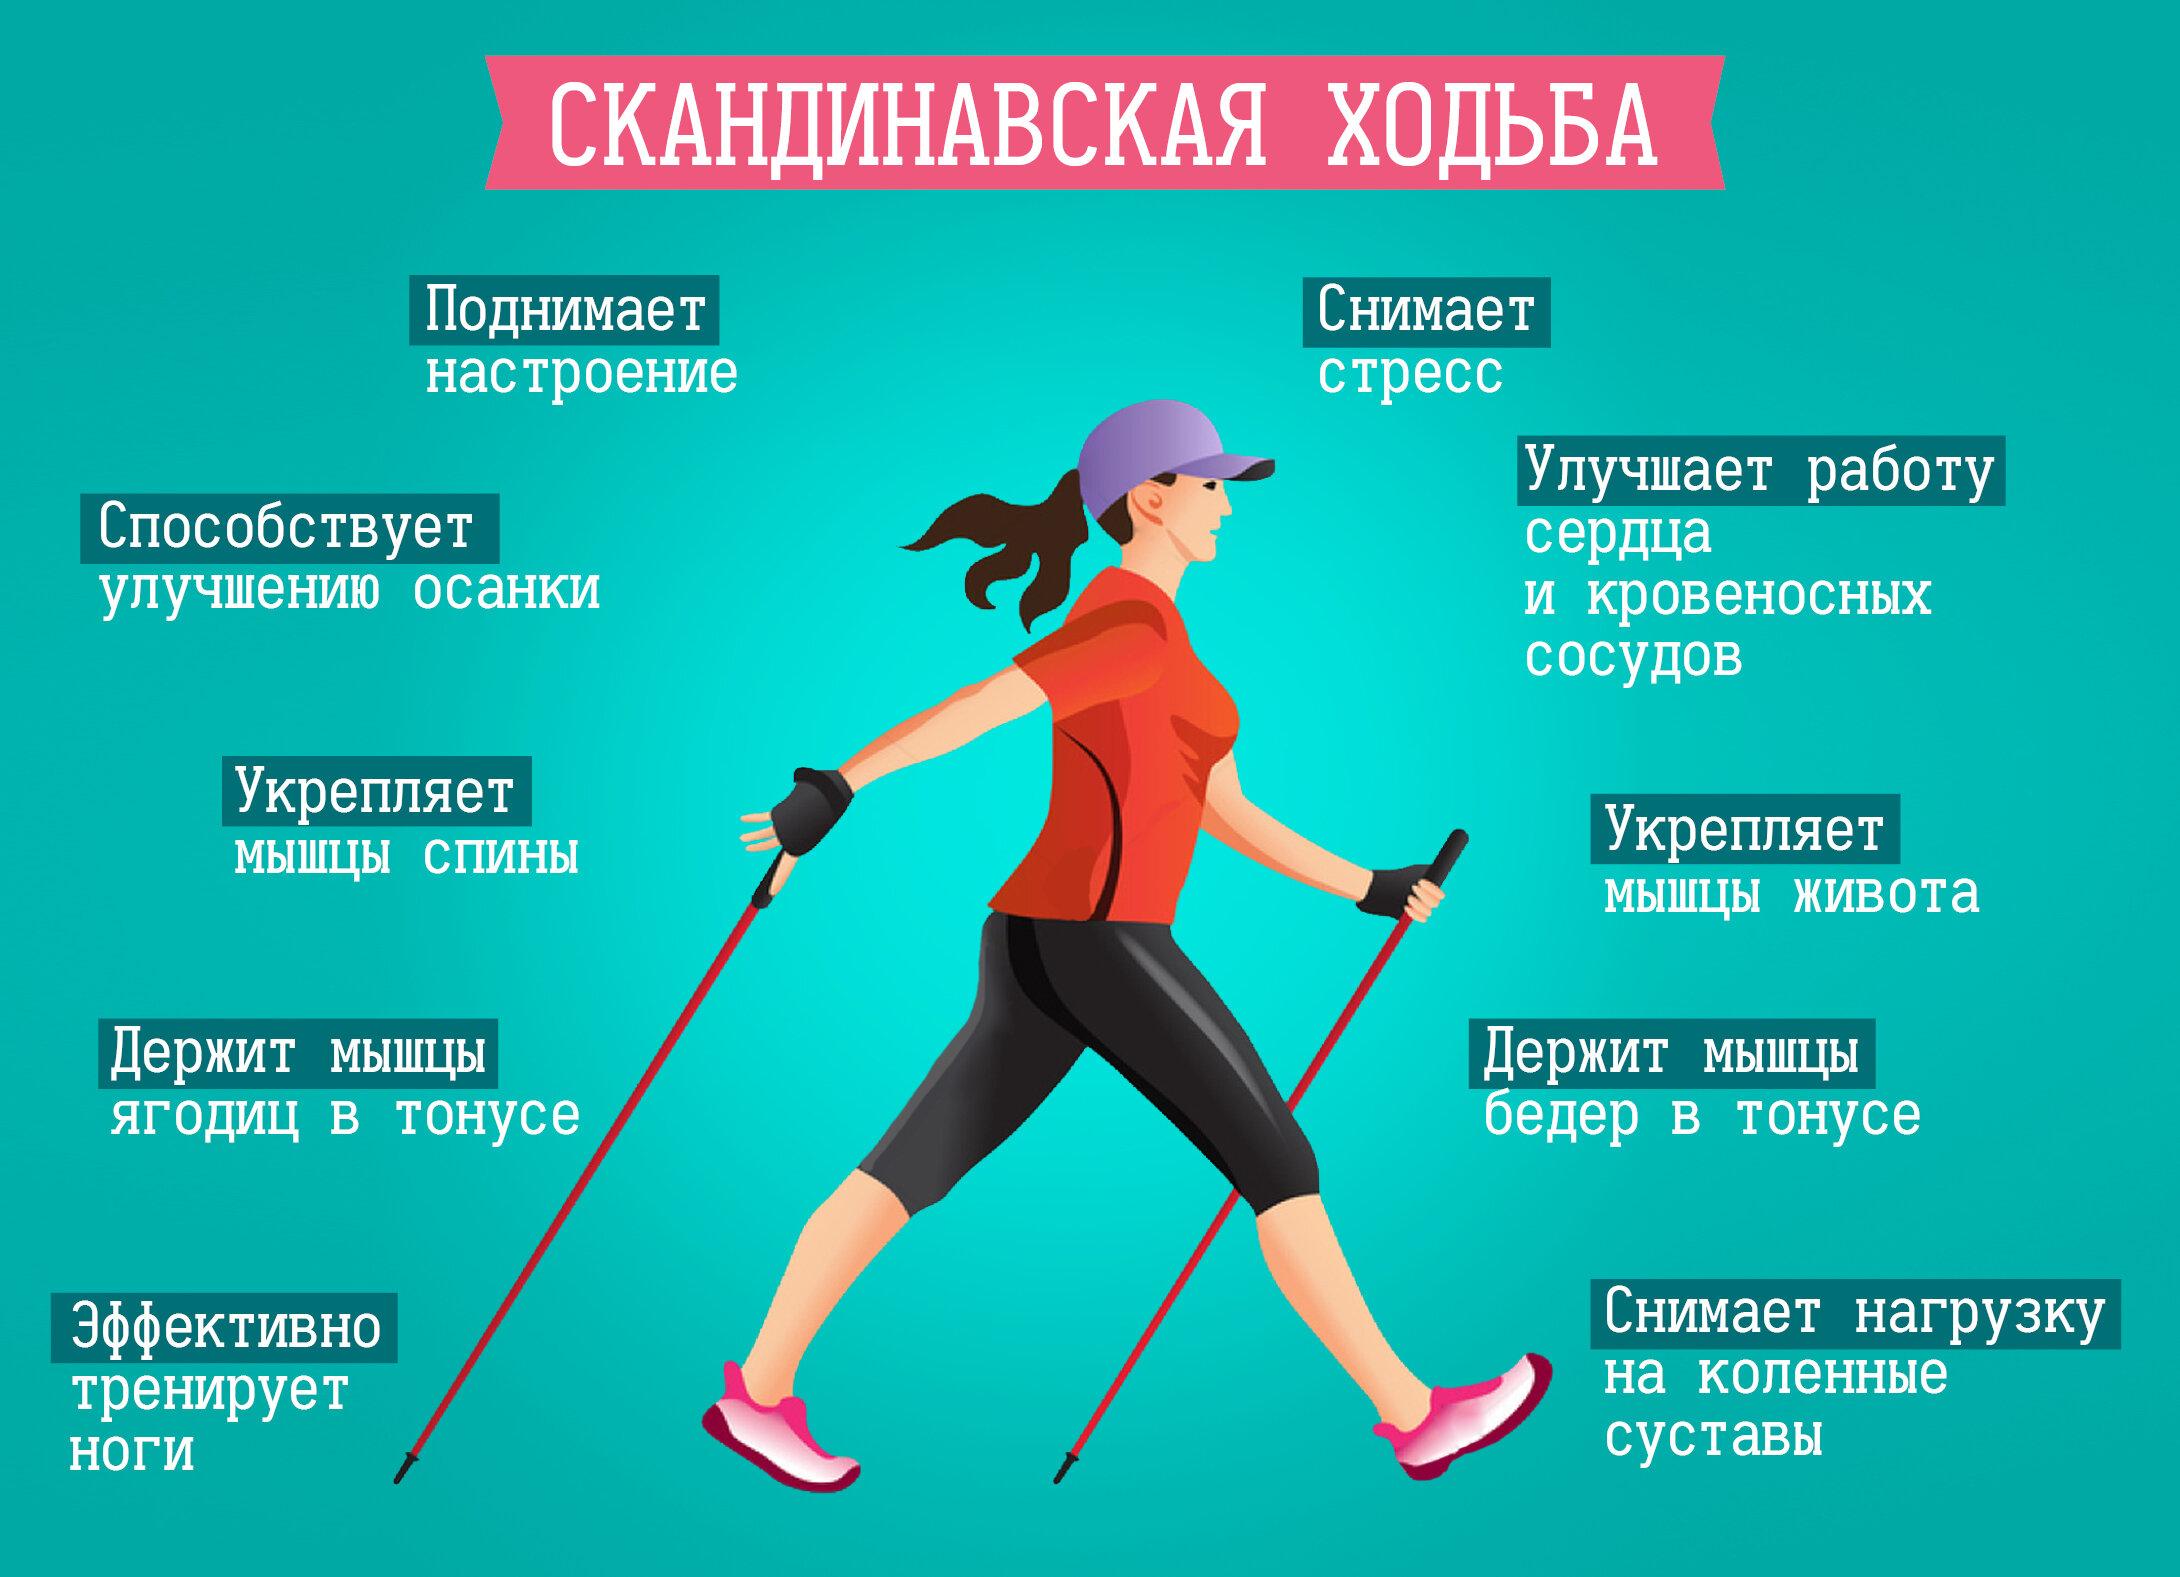 На сколько вы похудеете, если будете ходить пешком 30 минут в день